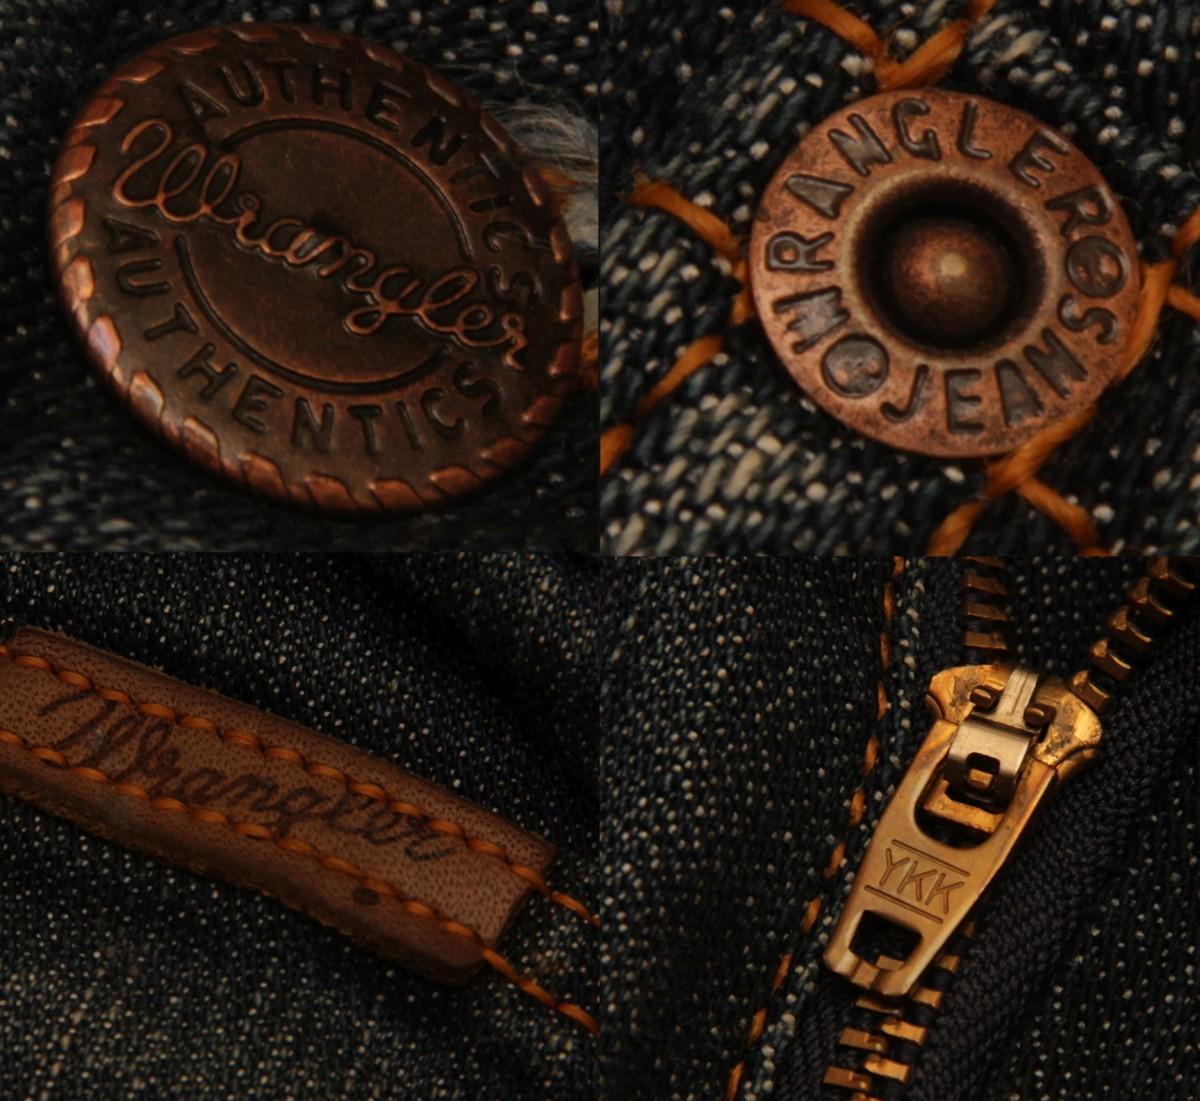 Wrangler 32x32 джинсы, оригинал в идеальном состоянии.